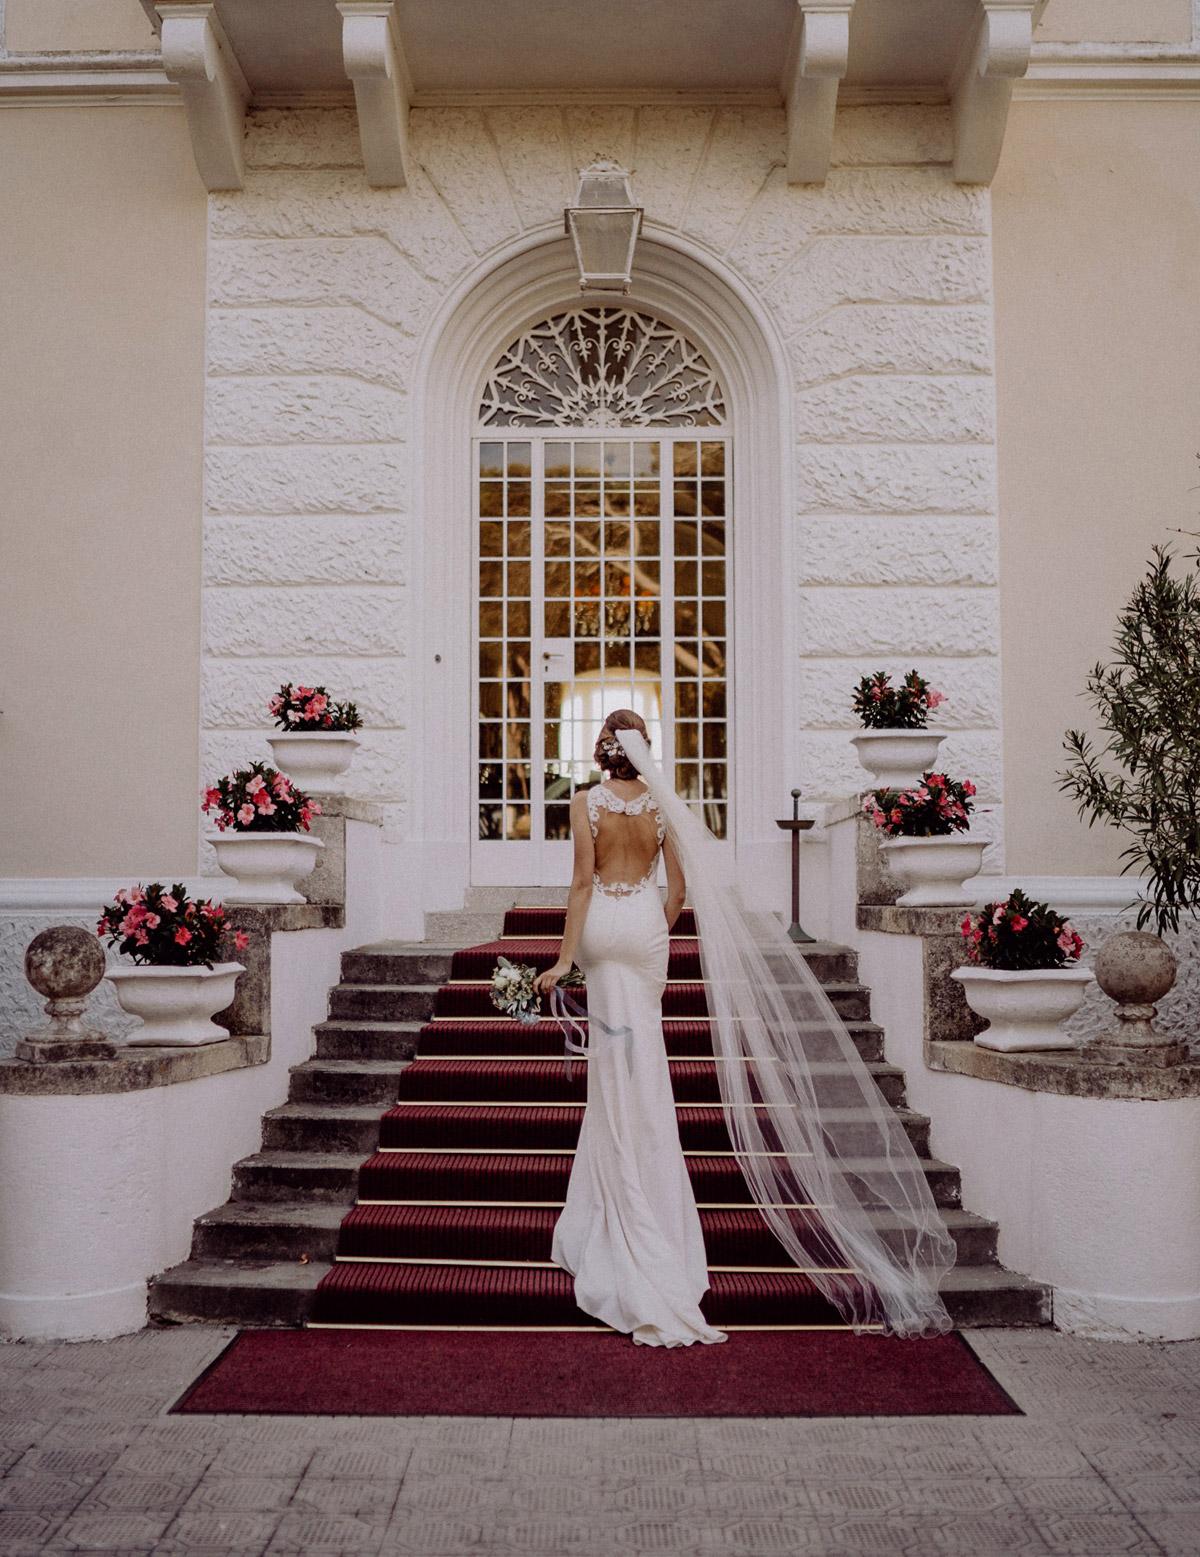 Hochzeitsfotos Hochzeitsbilder Ideen Braut von hinten vor Standesamt ausgefallen in rückenfreiem Kleid auf Treppe mit langem Schleier und Hochsteckfrisur auf maritimer Hochzeit #hochzeitslicht Toskana Hochzeitsfotos und Hochzeitsfilm © Destination-Hochzeitsfotograf www.hochzeitslicht.de